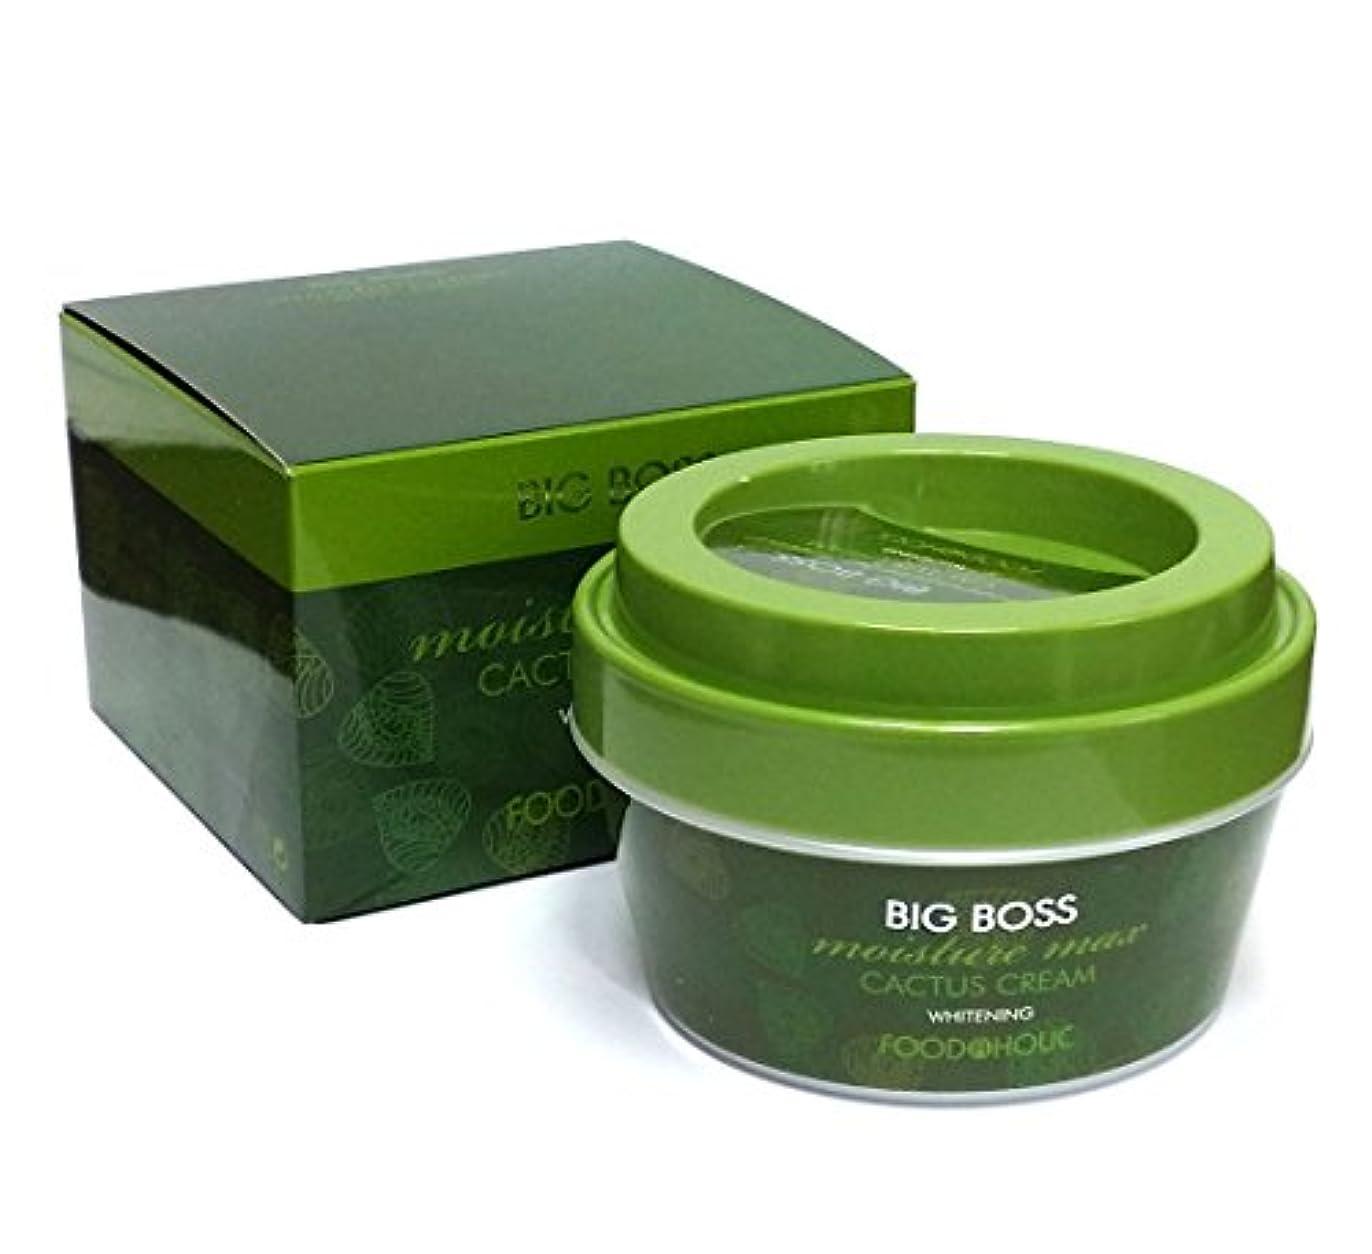 空洞エンコミウム苦情文句[FoodaHolic] ビッグボスモイスチャーマックスサボテンクリーム300g / Big Boss Moisture Max Cactus Cream 300g / ホワイトニング / Whitening / 韓国化粧品...